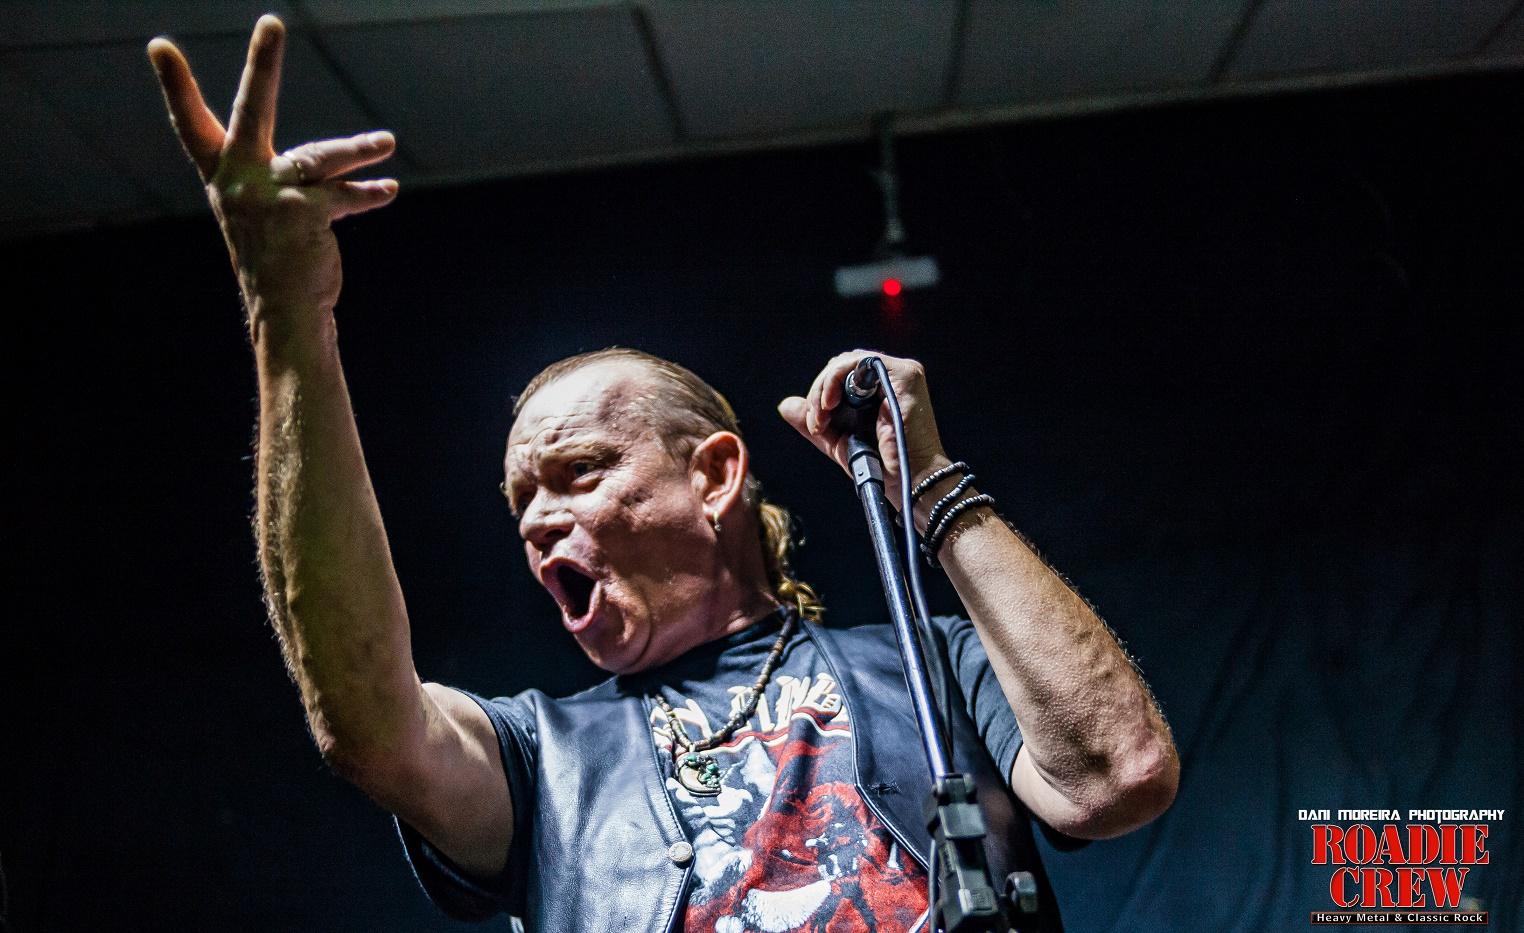 IRON ANGEL - 28 de outubro de 2018, São Paulo/SP | Roadie Crew